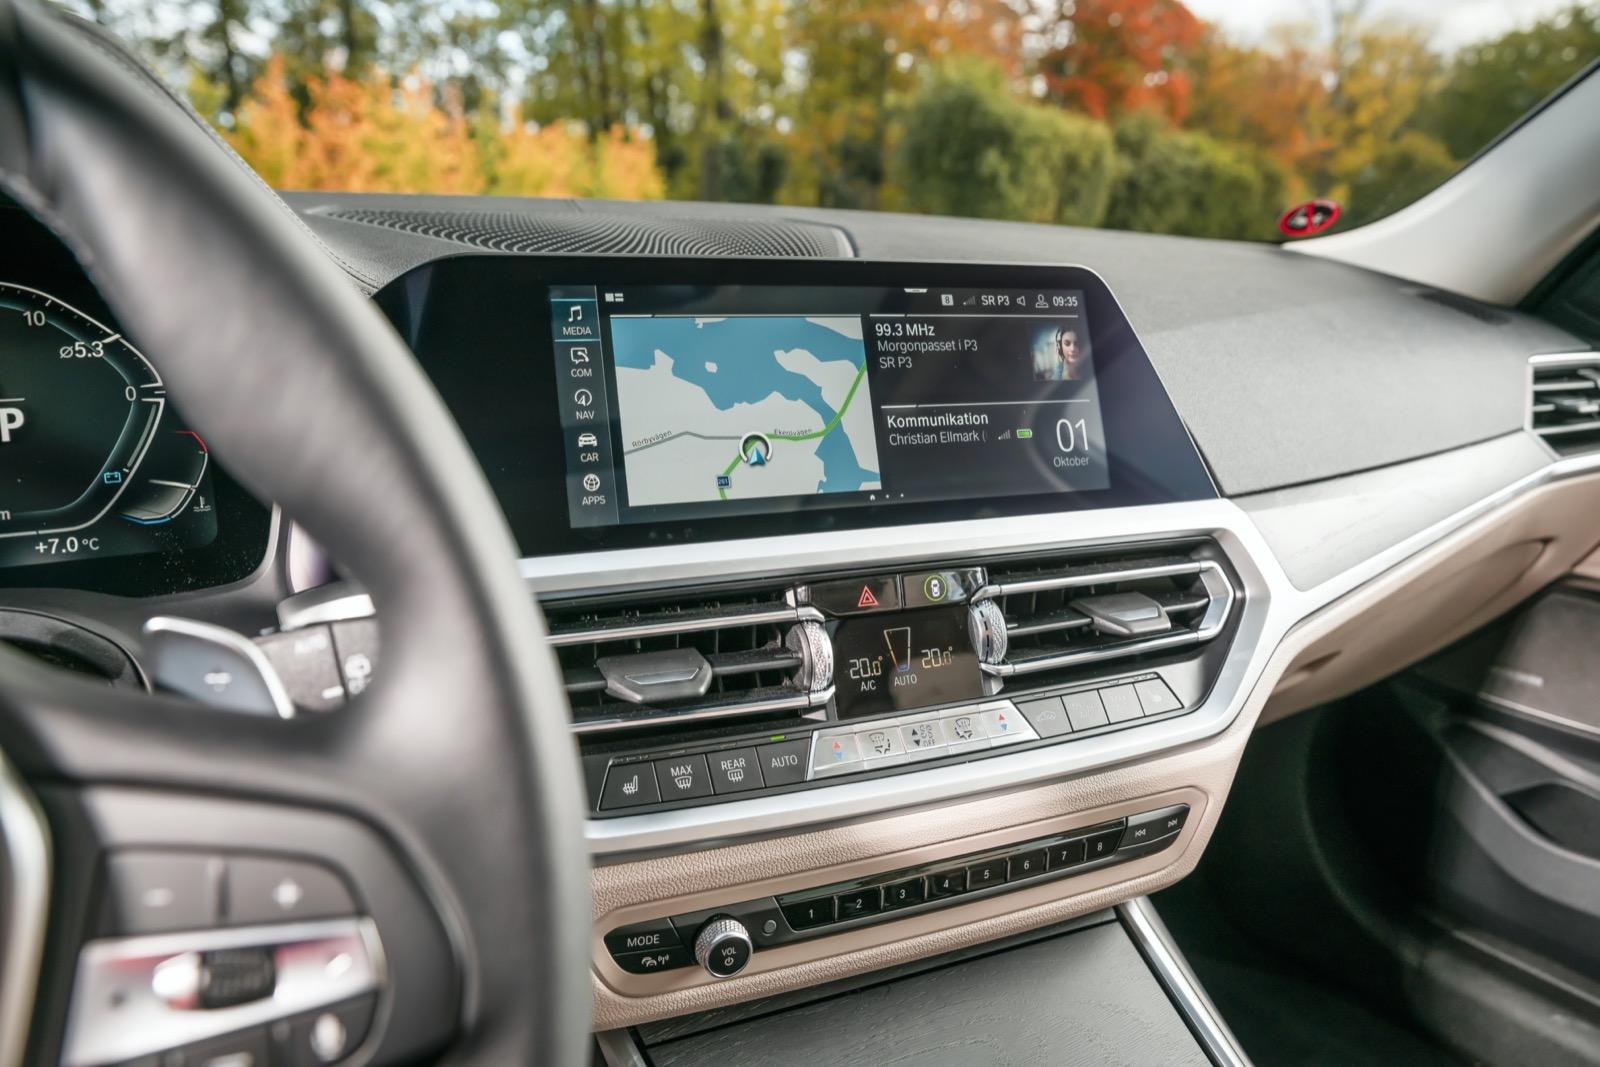 BMW: Traditionellt liggande format. Telefonspegling kostar extra men fungerar trådlöst. Geststyrning – vifta med händerna framför skärmen – kostar 3100 kr.